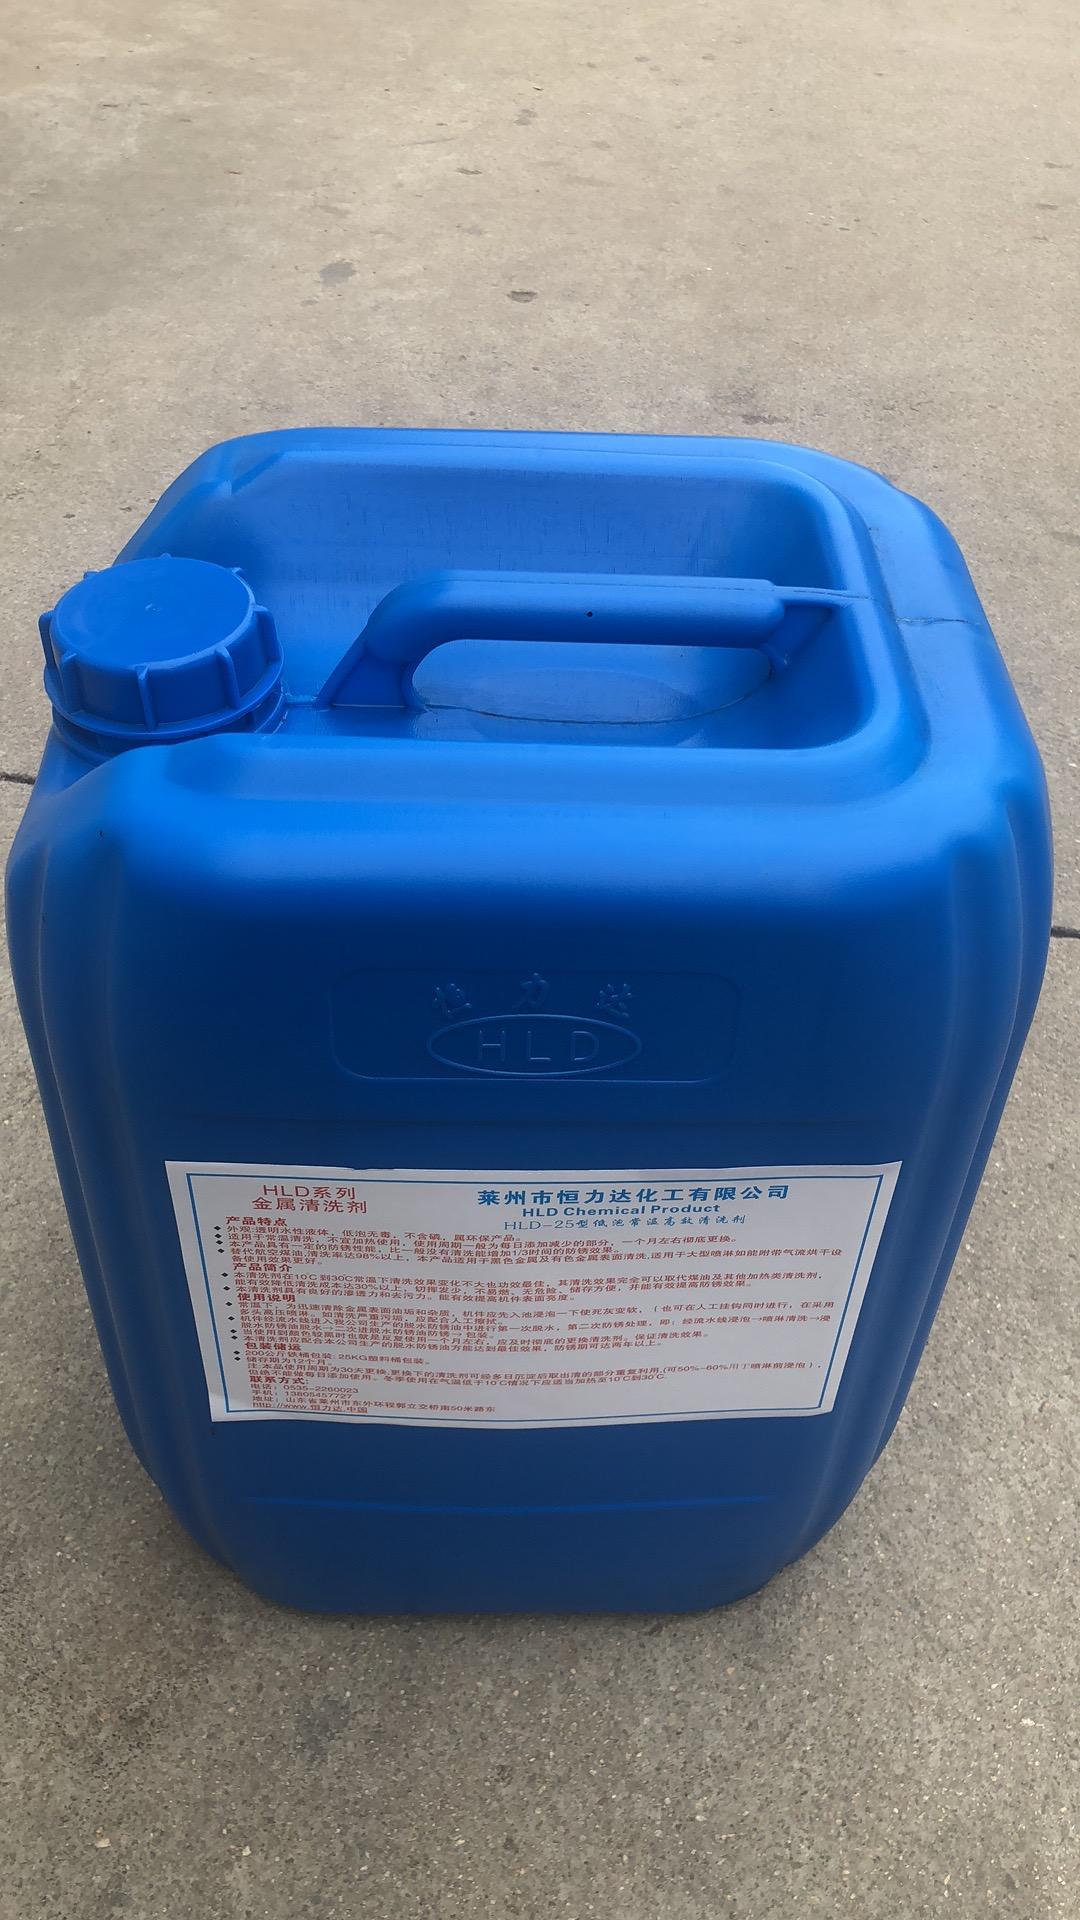 防锈油的分类有哪几种?各类防锈油的用途特点是什么?已推荐